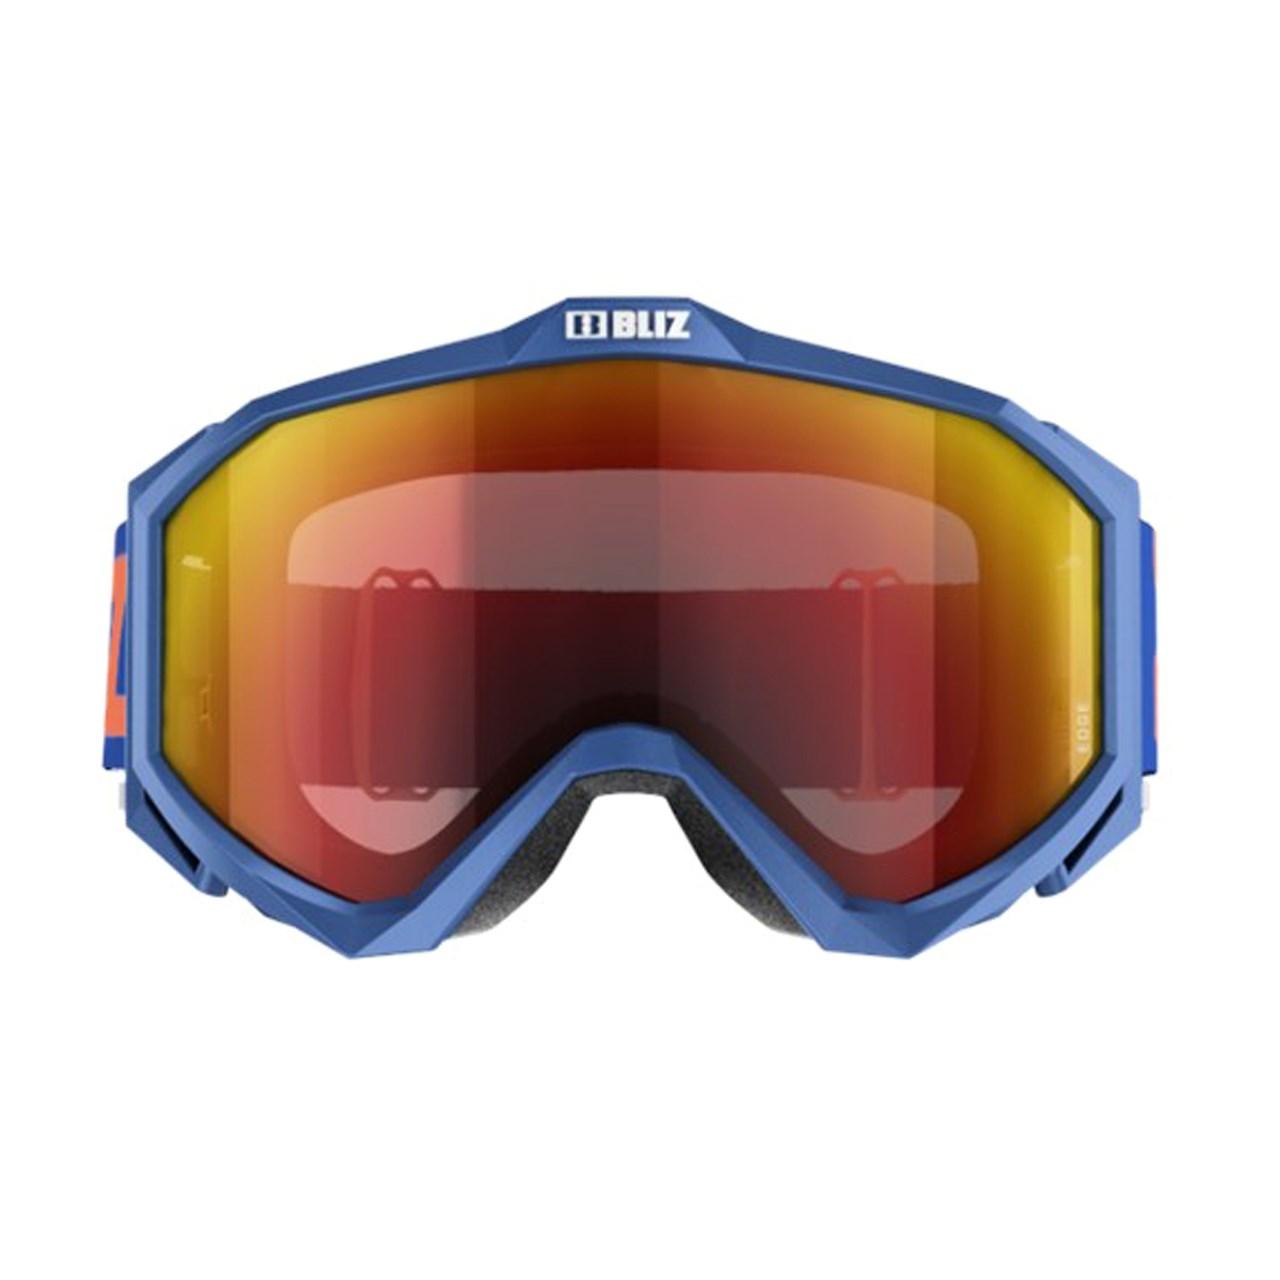 عینک اسکی بلیز سری EDGE مدل 34106-34